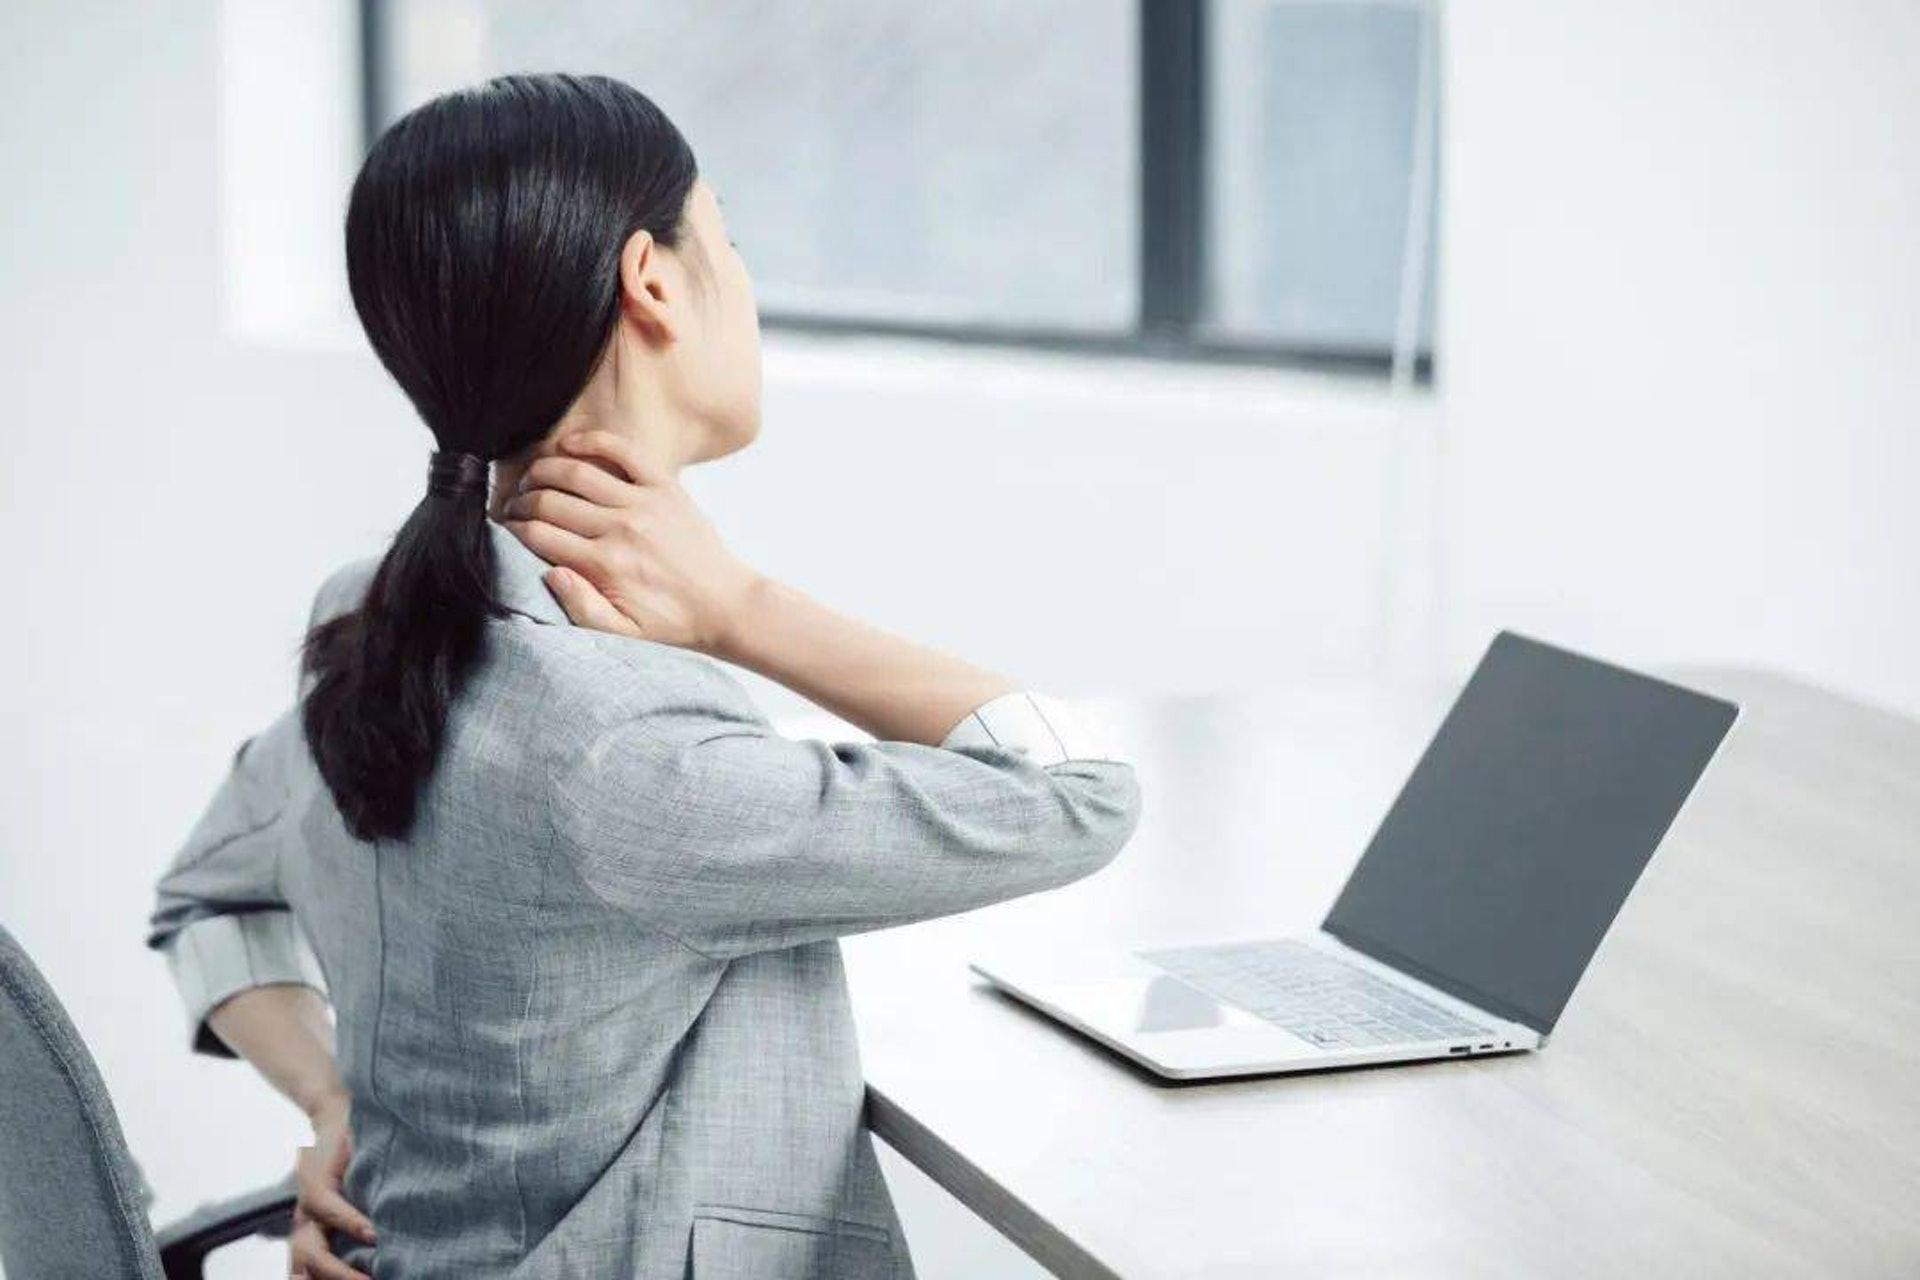 每天坐超過六小時,患病機率將會大增,早死風險亦會提升25%。(圖片:Shutterstock)